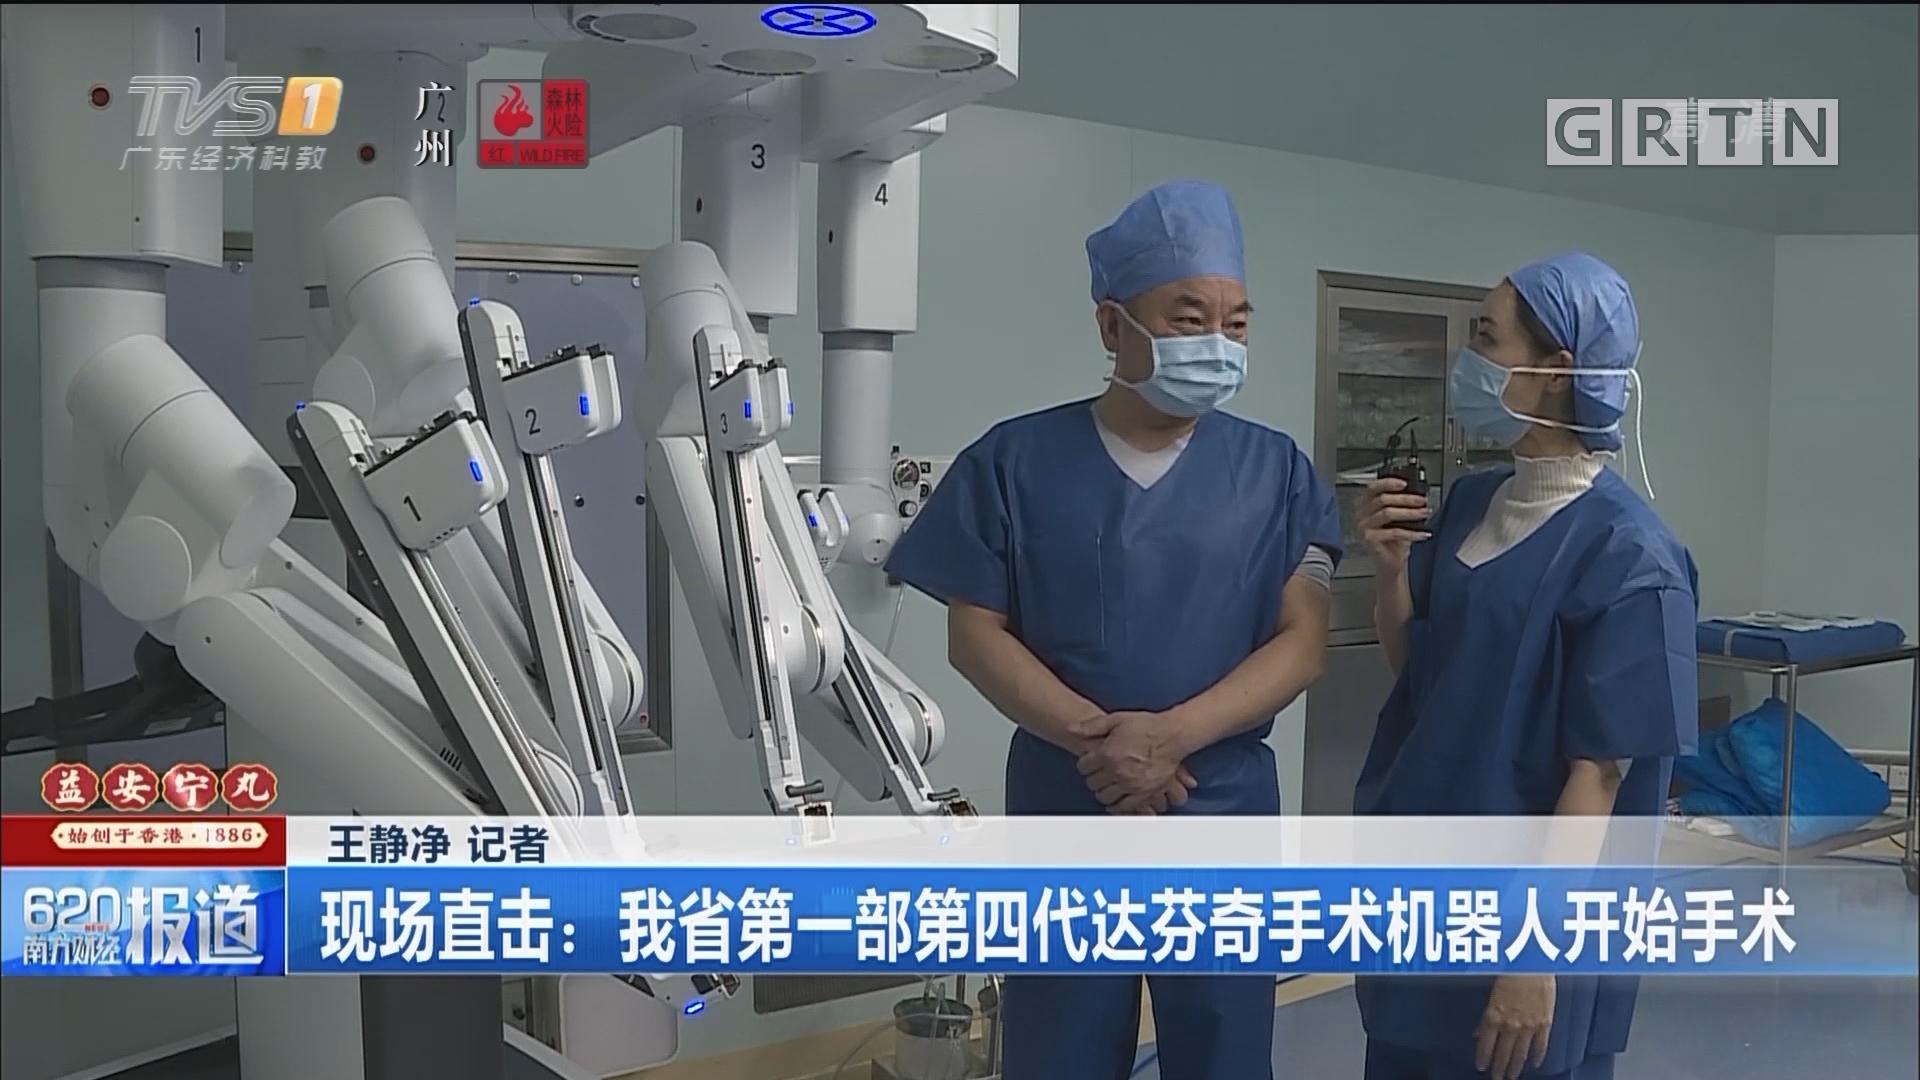 现场直击:我省第一部第四代达芬奇手术机器人开始手术